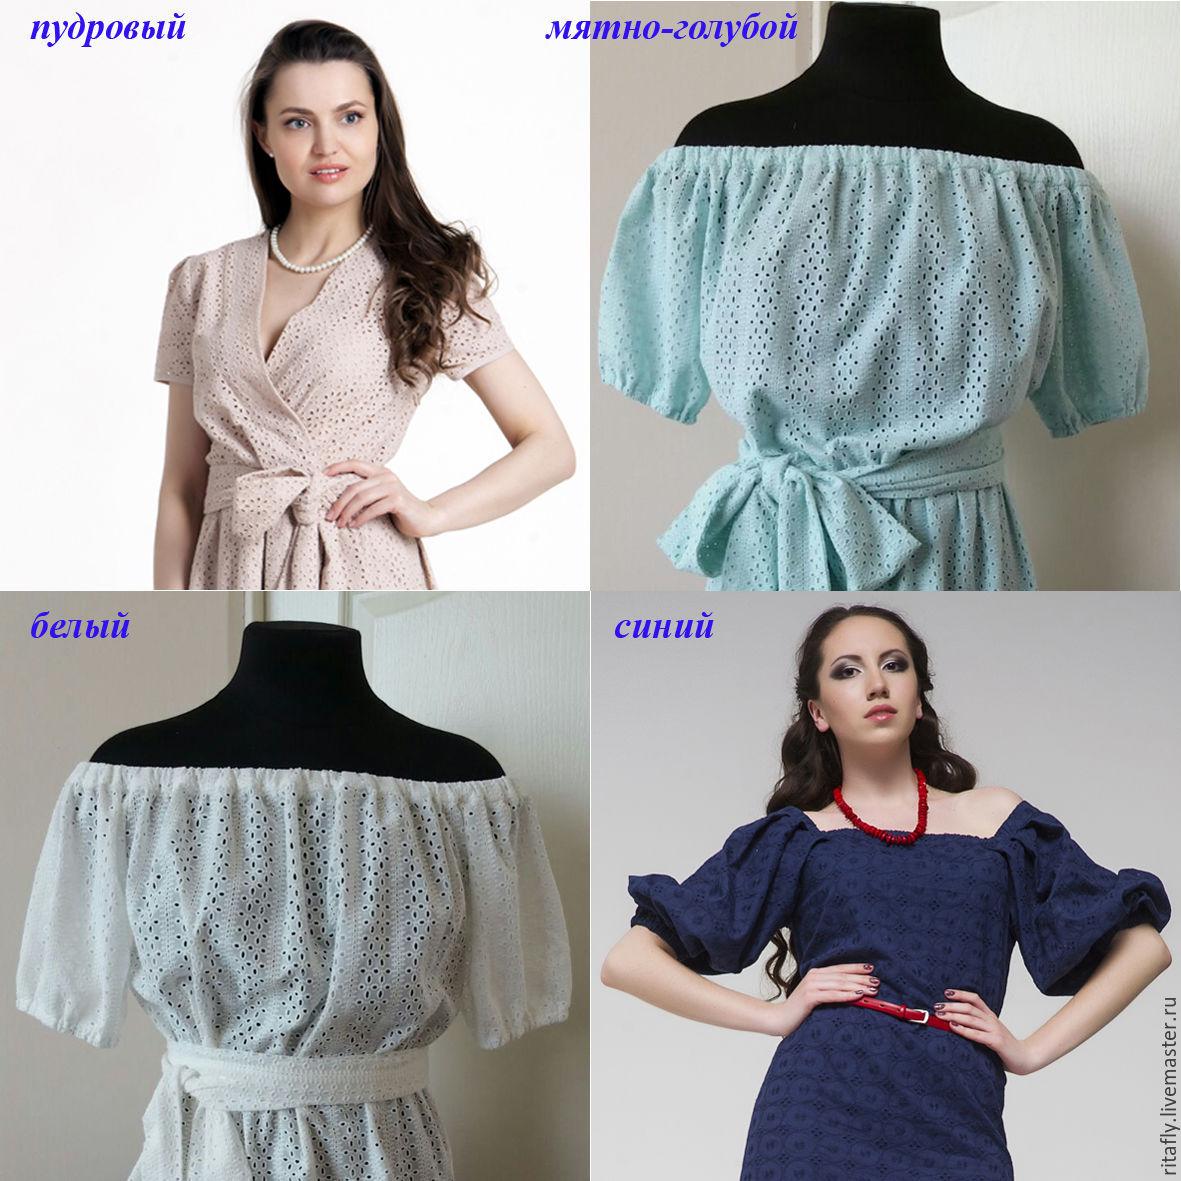 4ddef95b0d7a4fe 201: Летнее платье из хлопка с открытыми плечами – купить в интернет ...